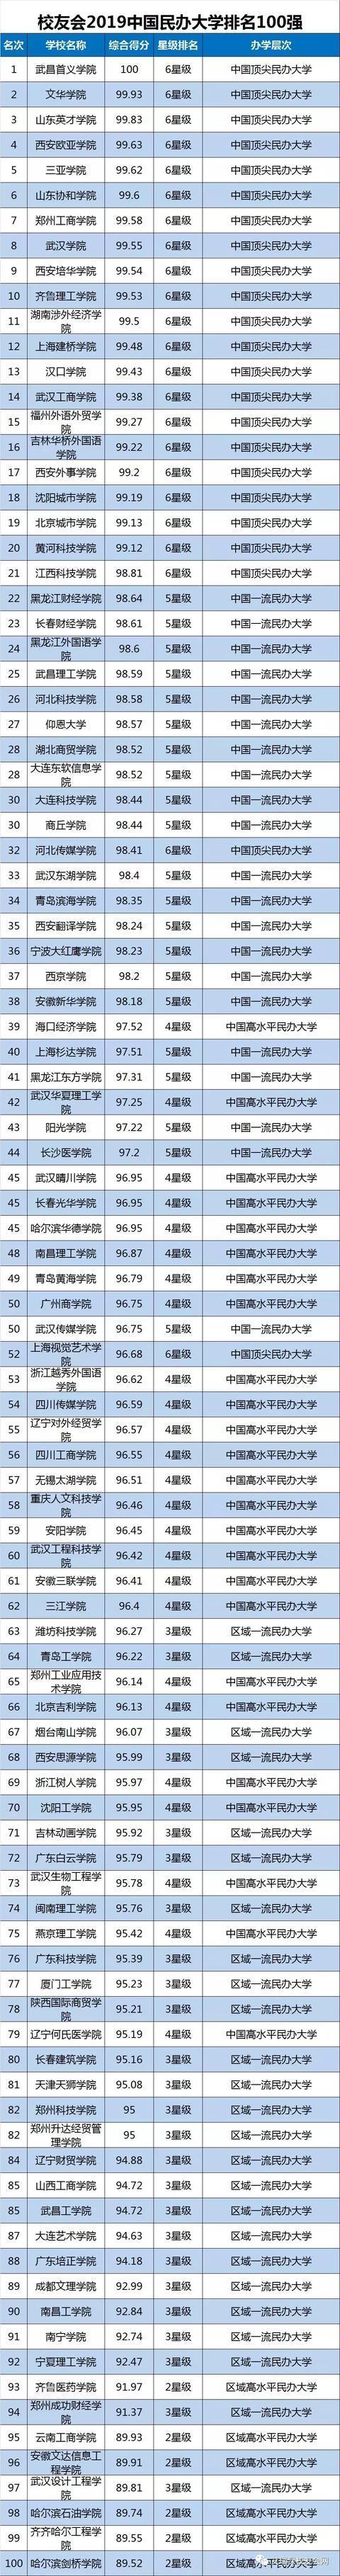 2019中国民办高校排行_武书连2019中国民办大学独立学院学科门类排行榜